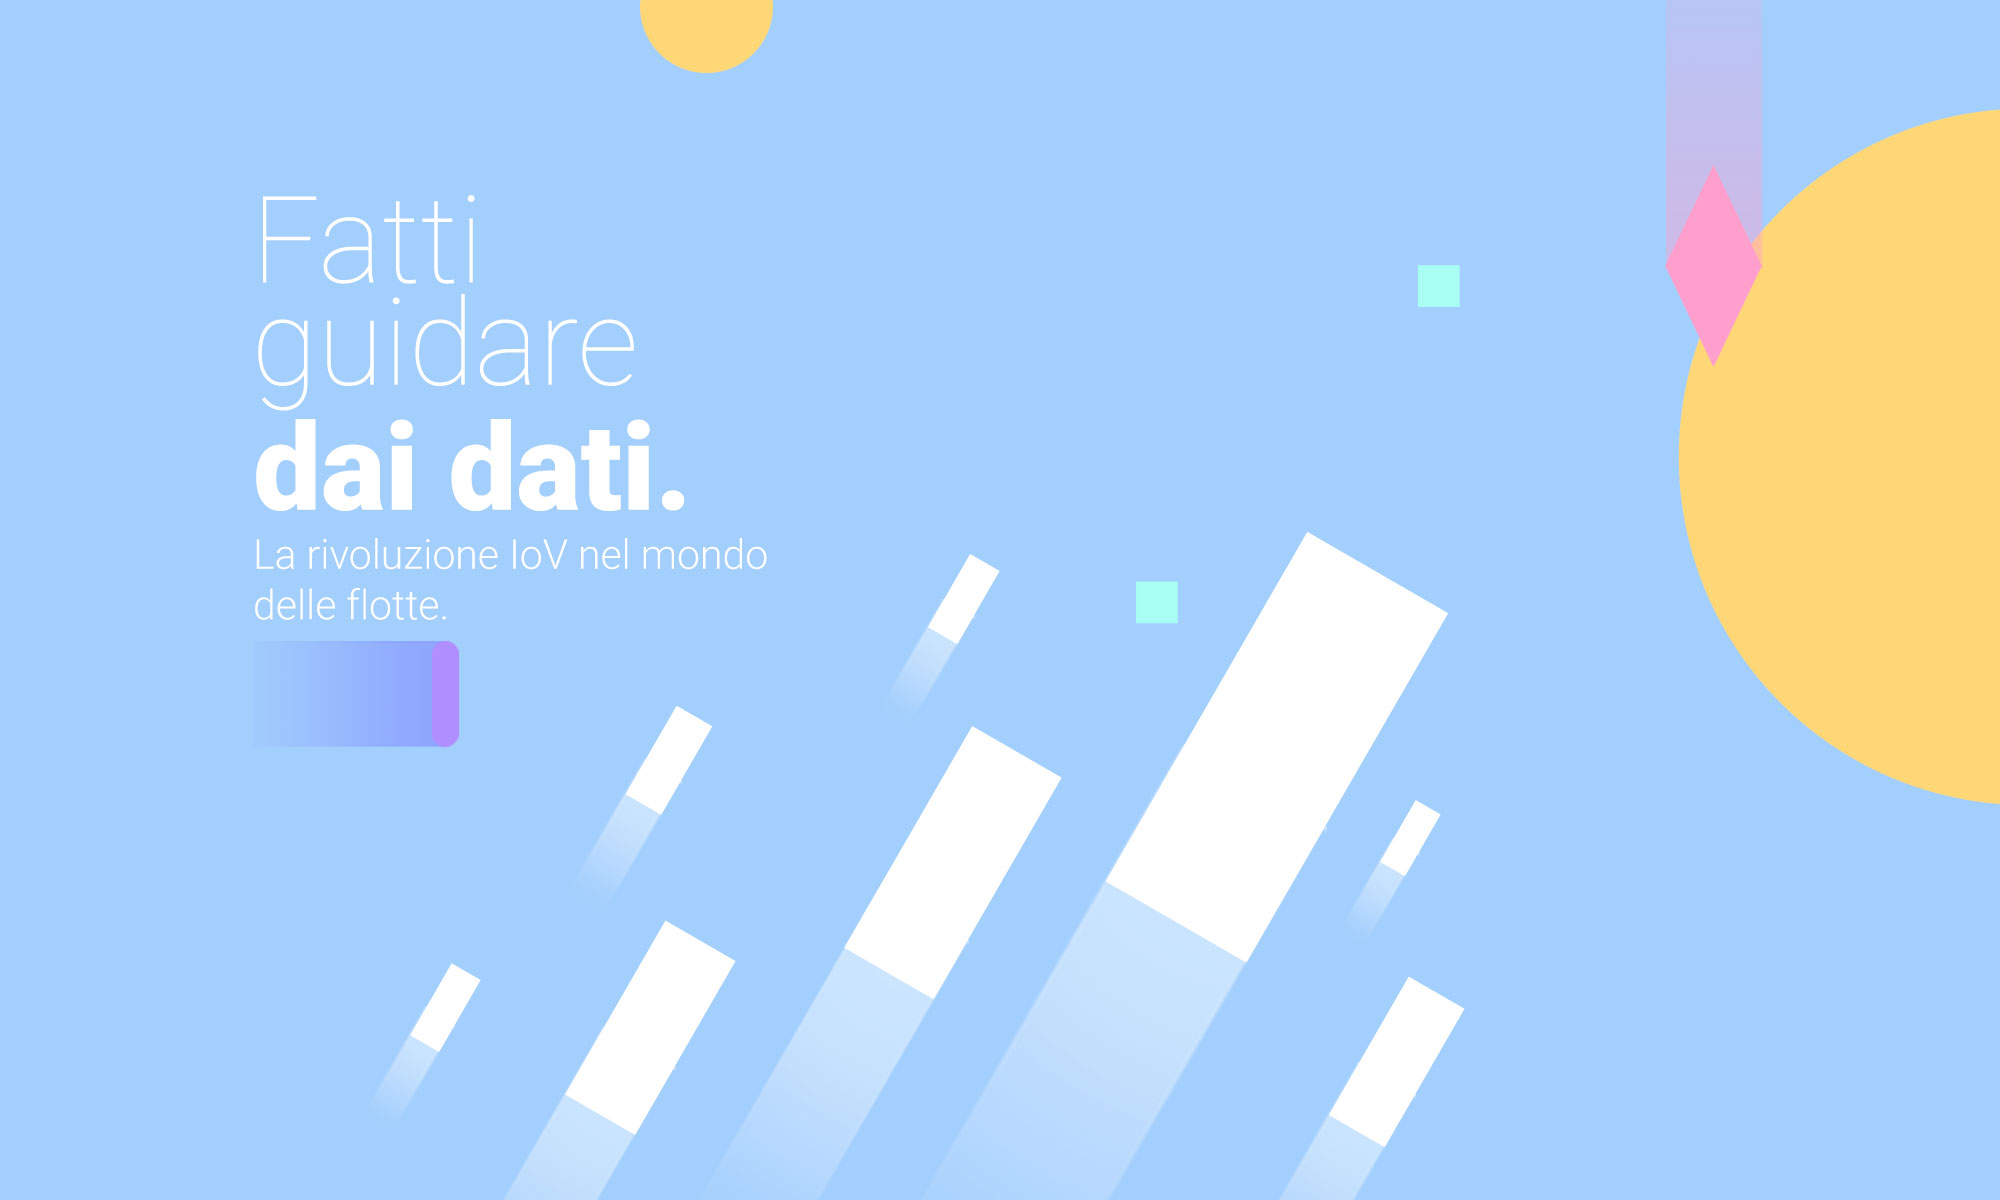 Fatti guidare dai dati